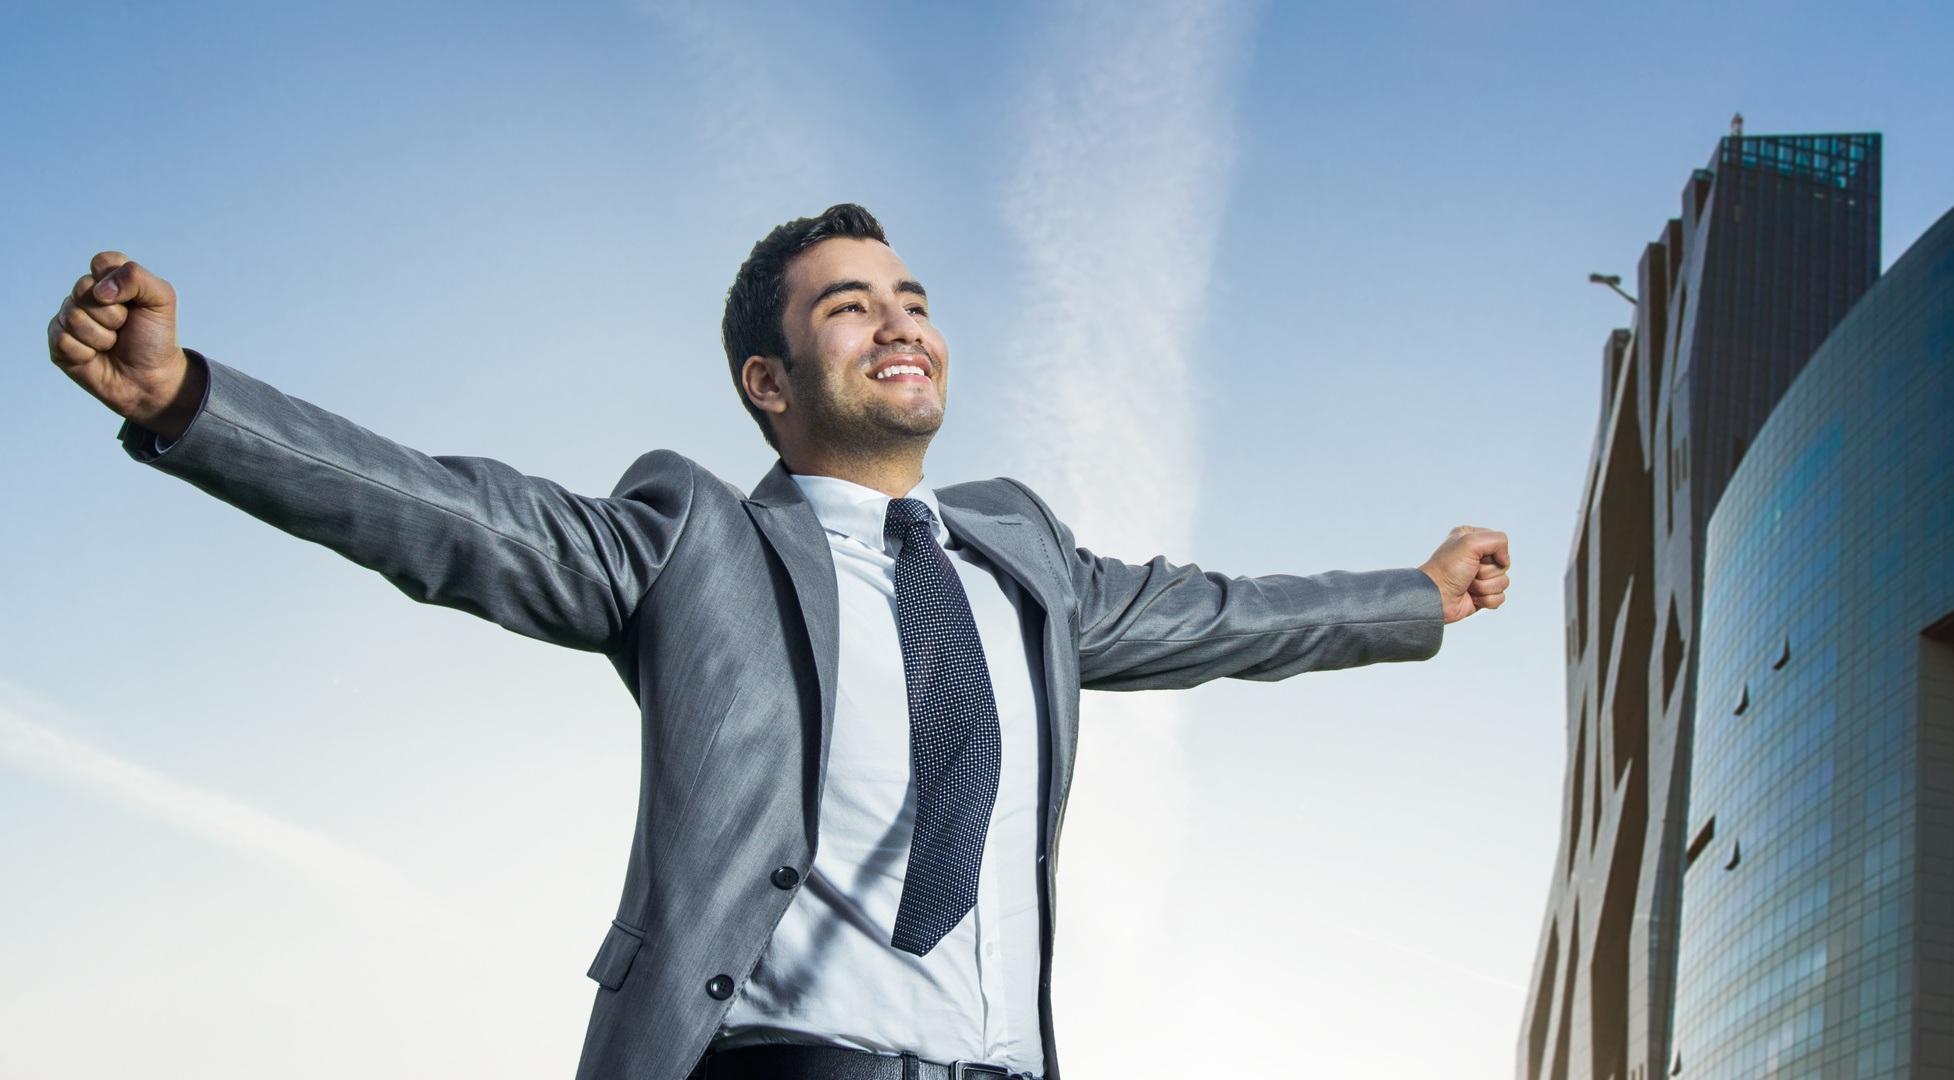 Karyawan Yang Sukses Meraih Kesuksesan Berusia 20 Tahunan Naik Jabatan